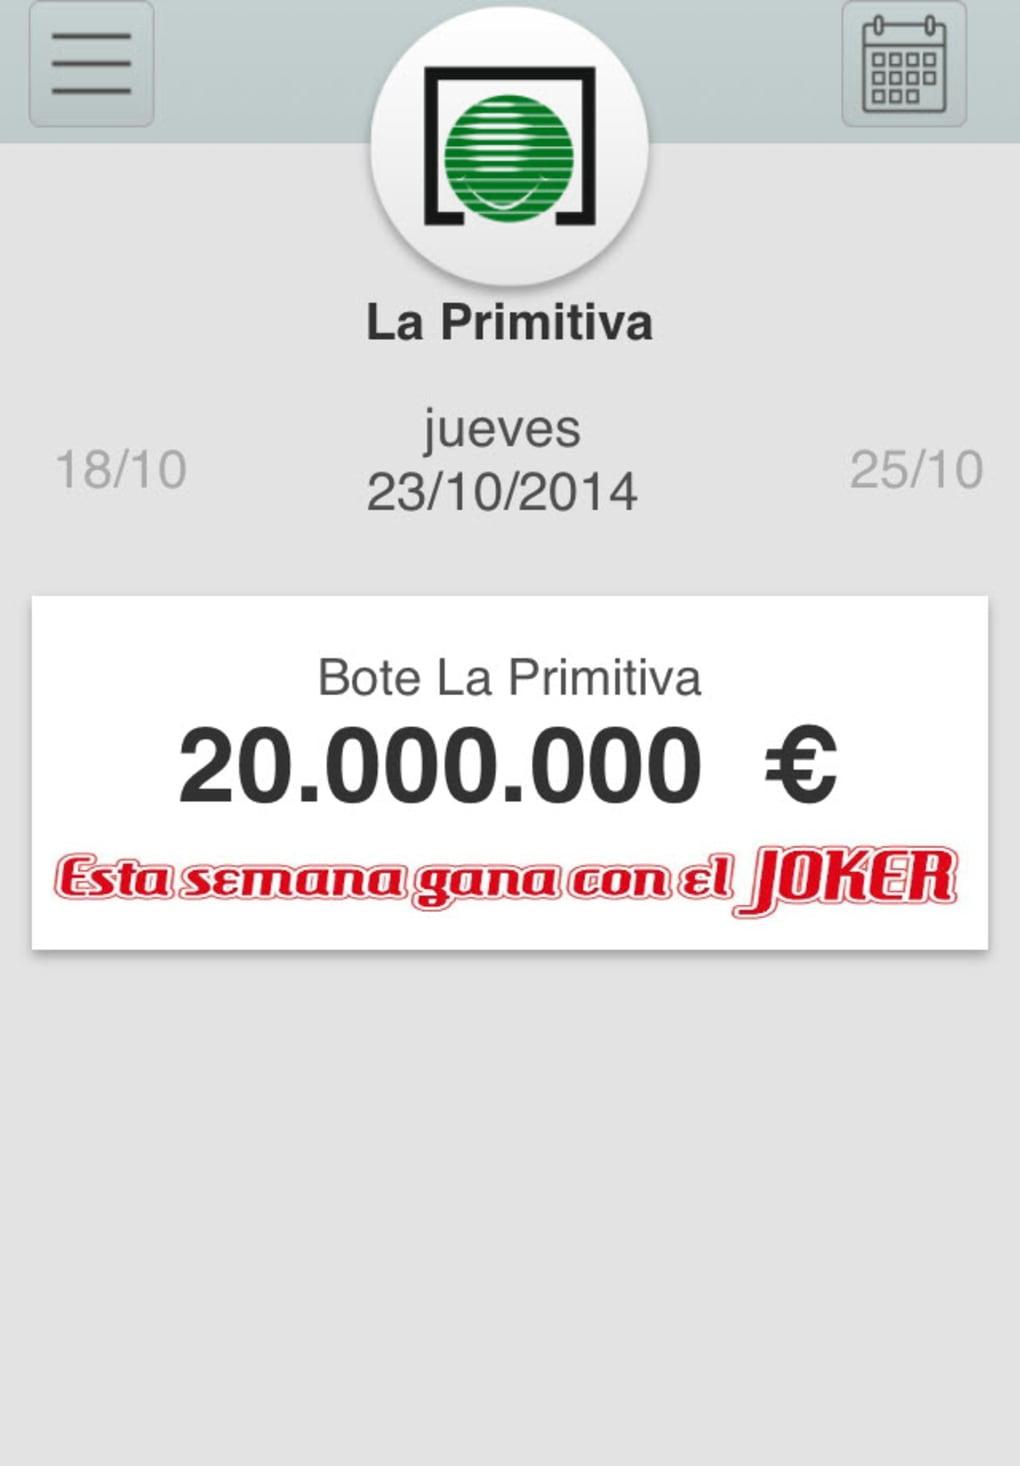 Apuestas juegos descargar juego de loteria Bolivia 39657